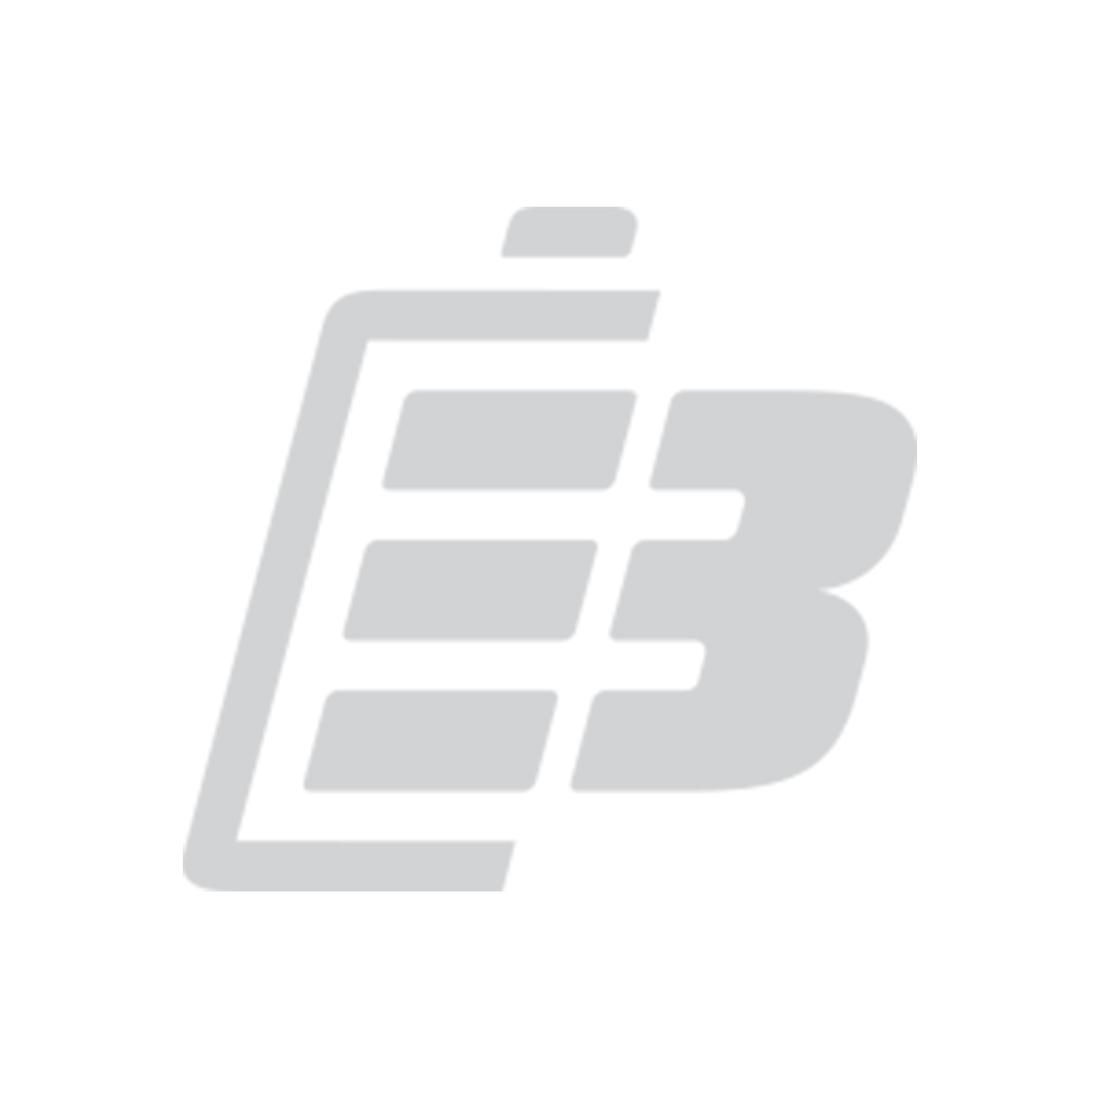 Μπαταρία κινητού τηλεφώνου Alcatel One Touch 810_1